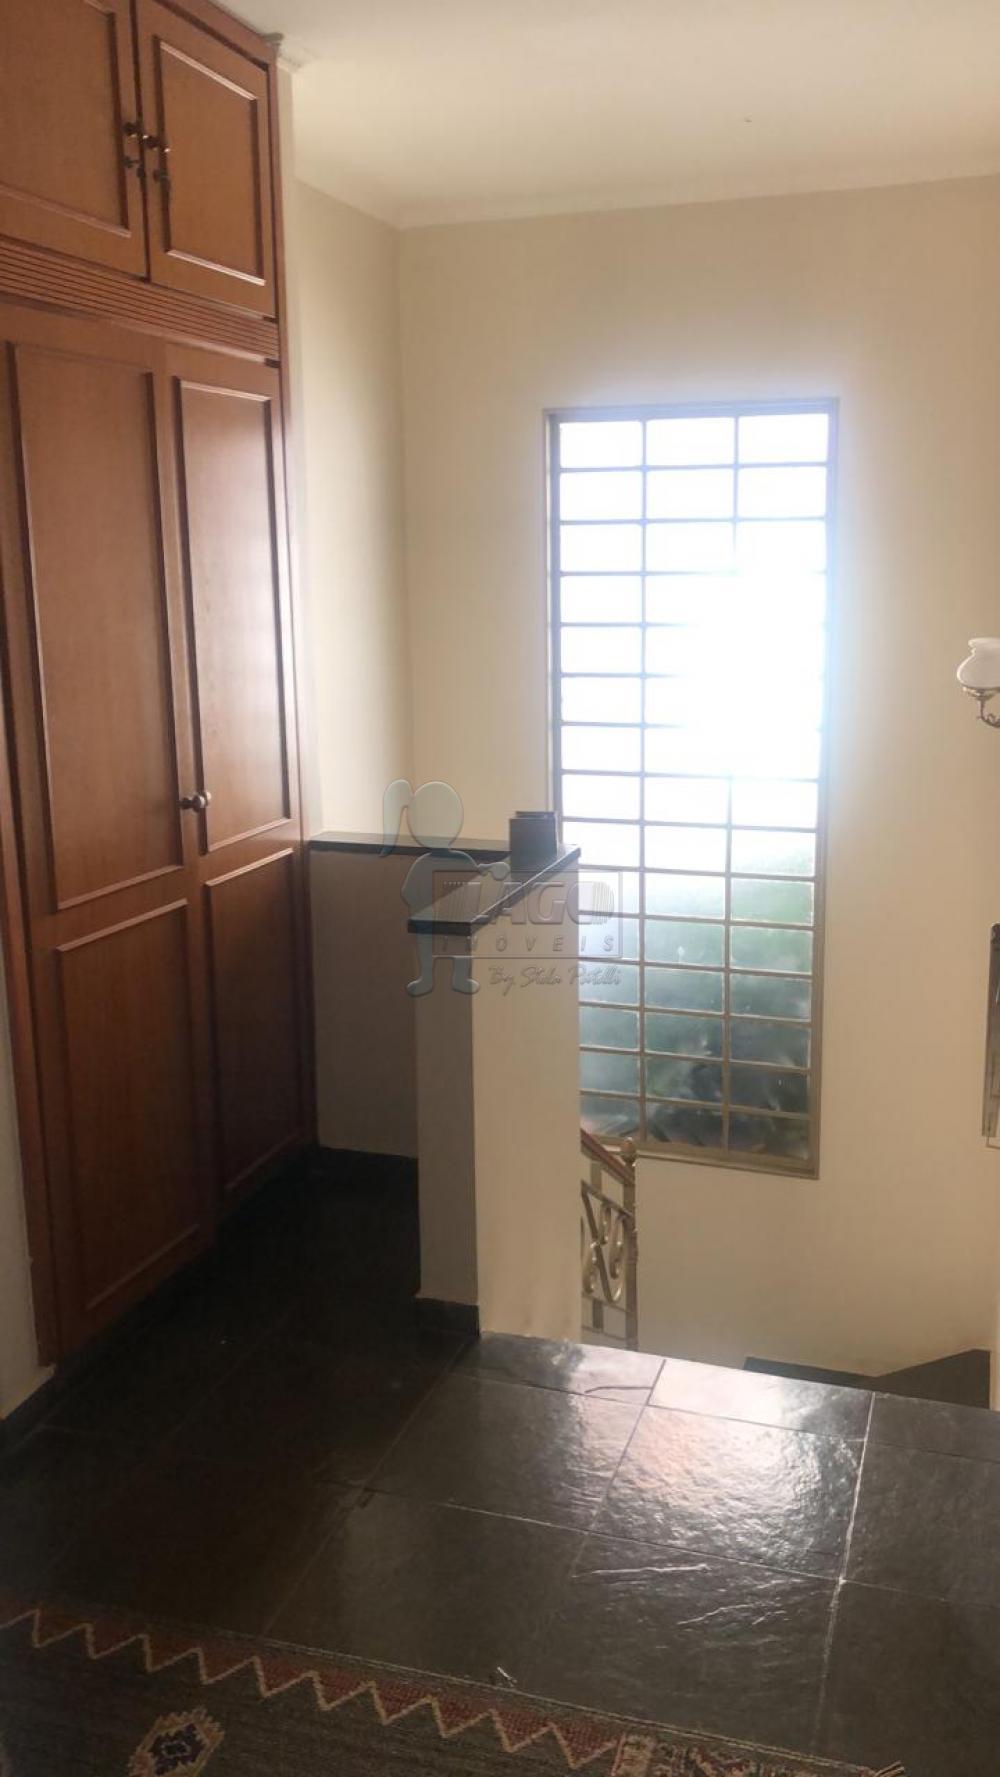 Comprar Casas / Padrão em Ribeirão Preto apenas R$ 980.000,00 - Foto 9